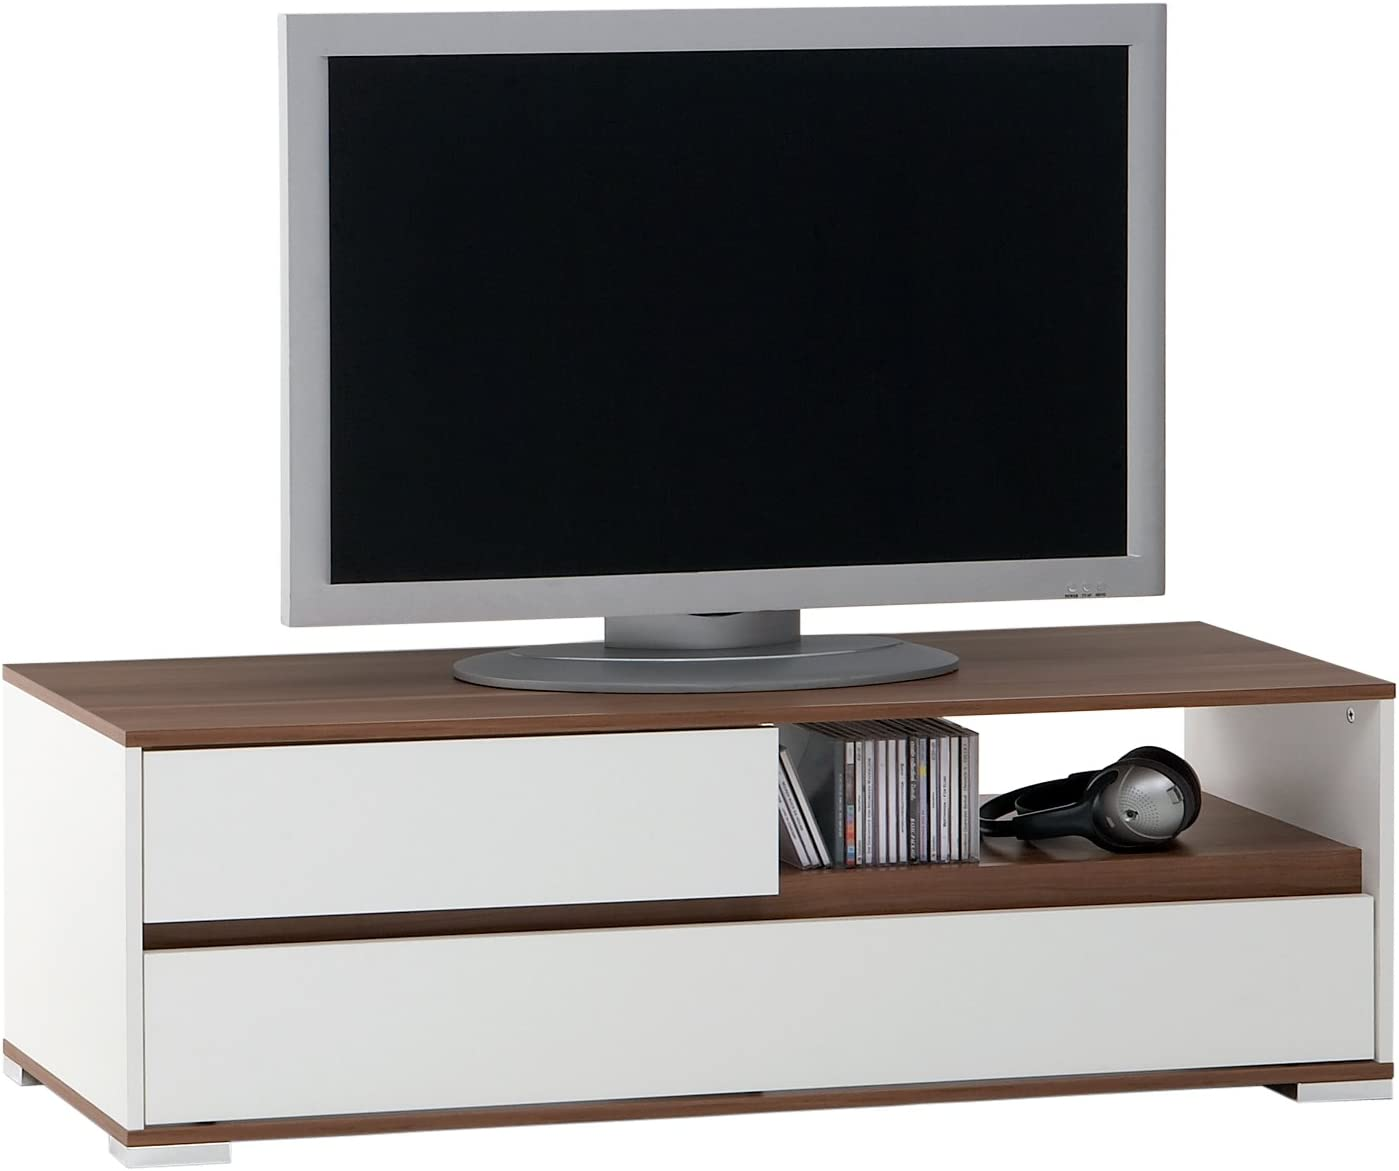 FMD Möbel 253-001 - Mueble para televisor o Sistema de Audio y vídeo, 125 x 40,5 x 39 cm, Color Blanco y Ciruelo: Amazon.es: Hogar